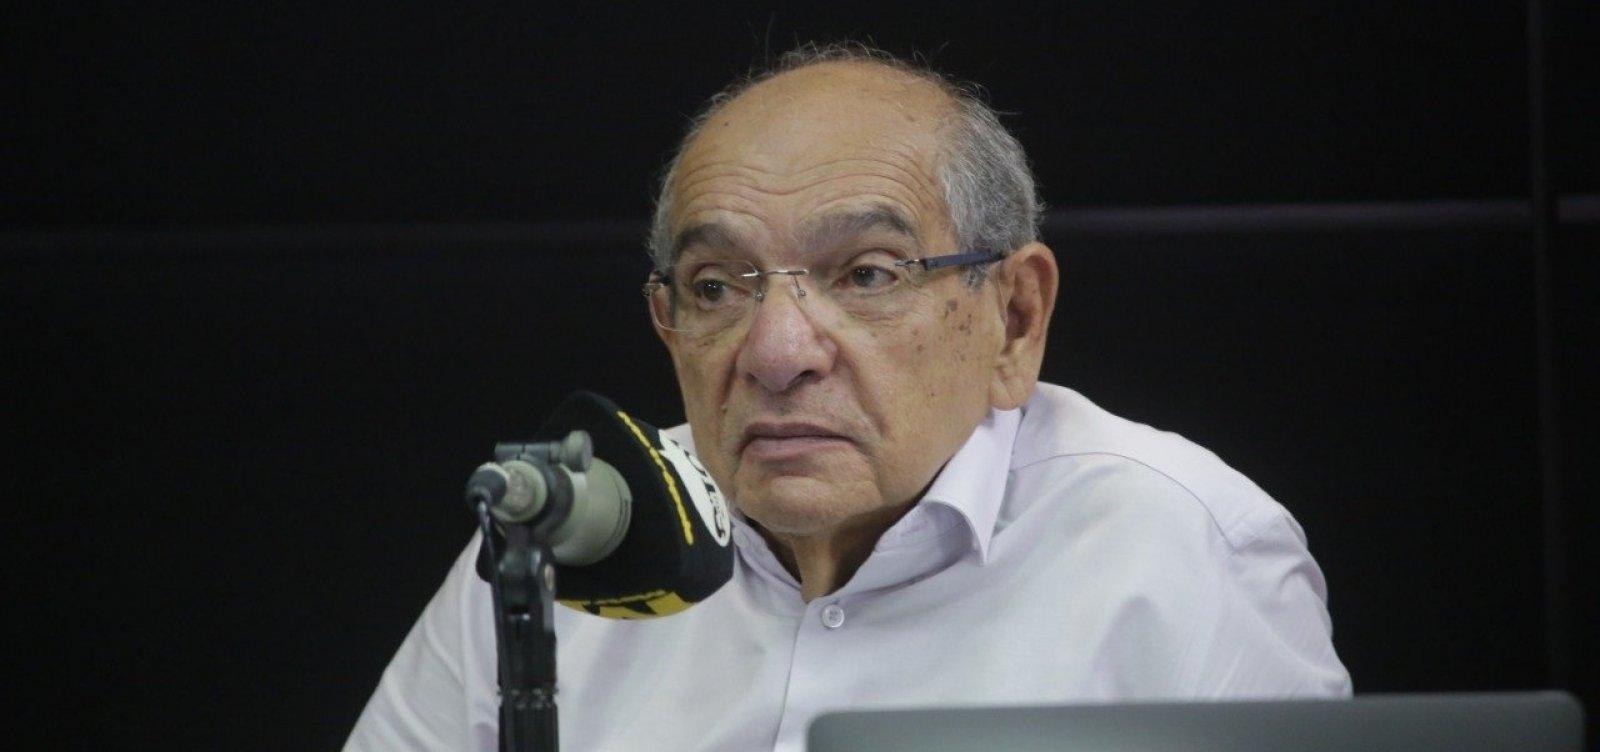 'Tomara que dê certo', diz MK sobre novas ações de Bolsonaro; ouça